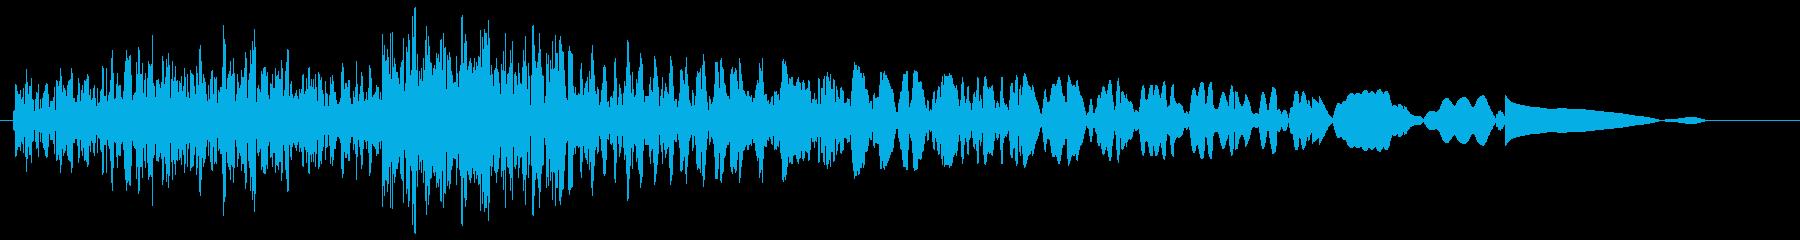 タラランタン(発見した音)の再生済みの波形